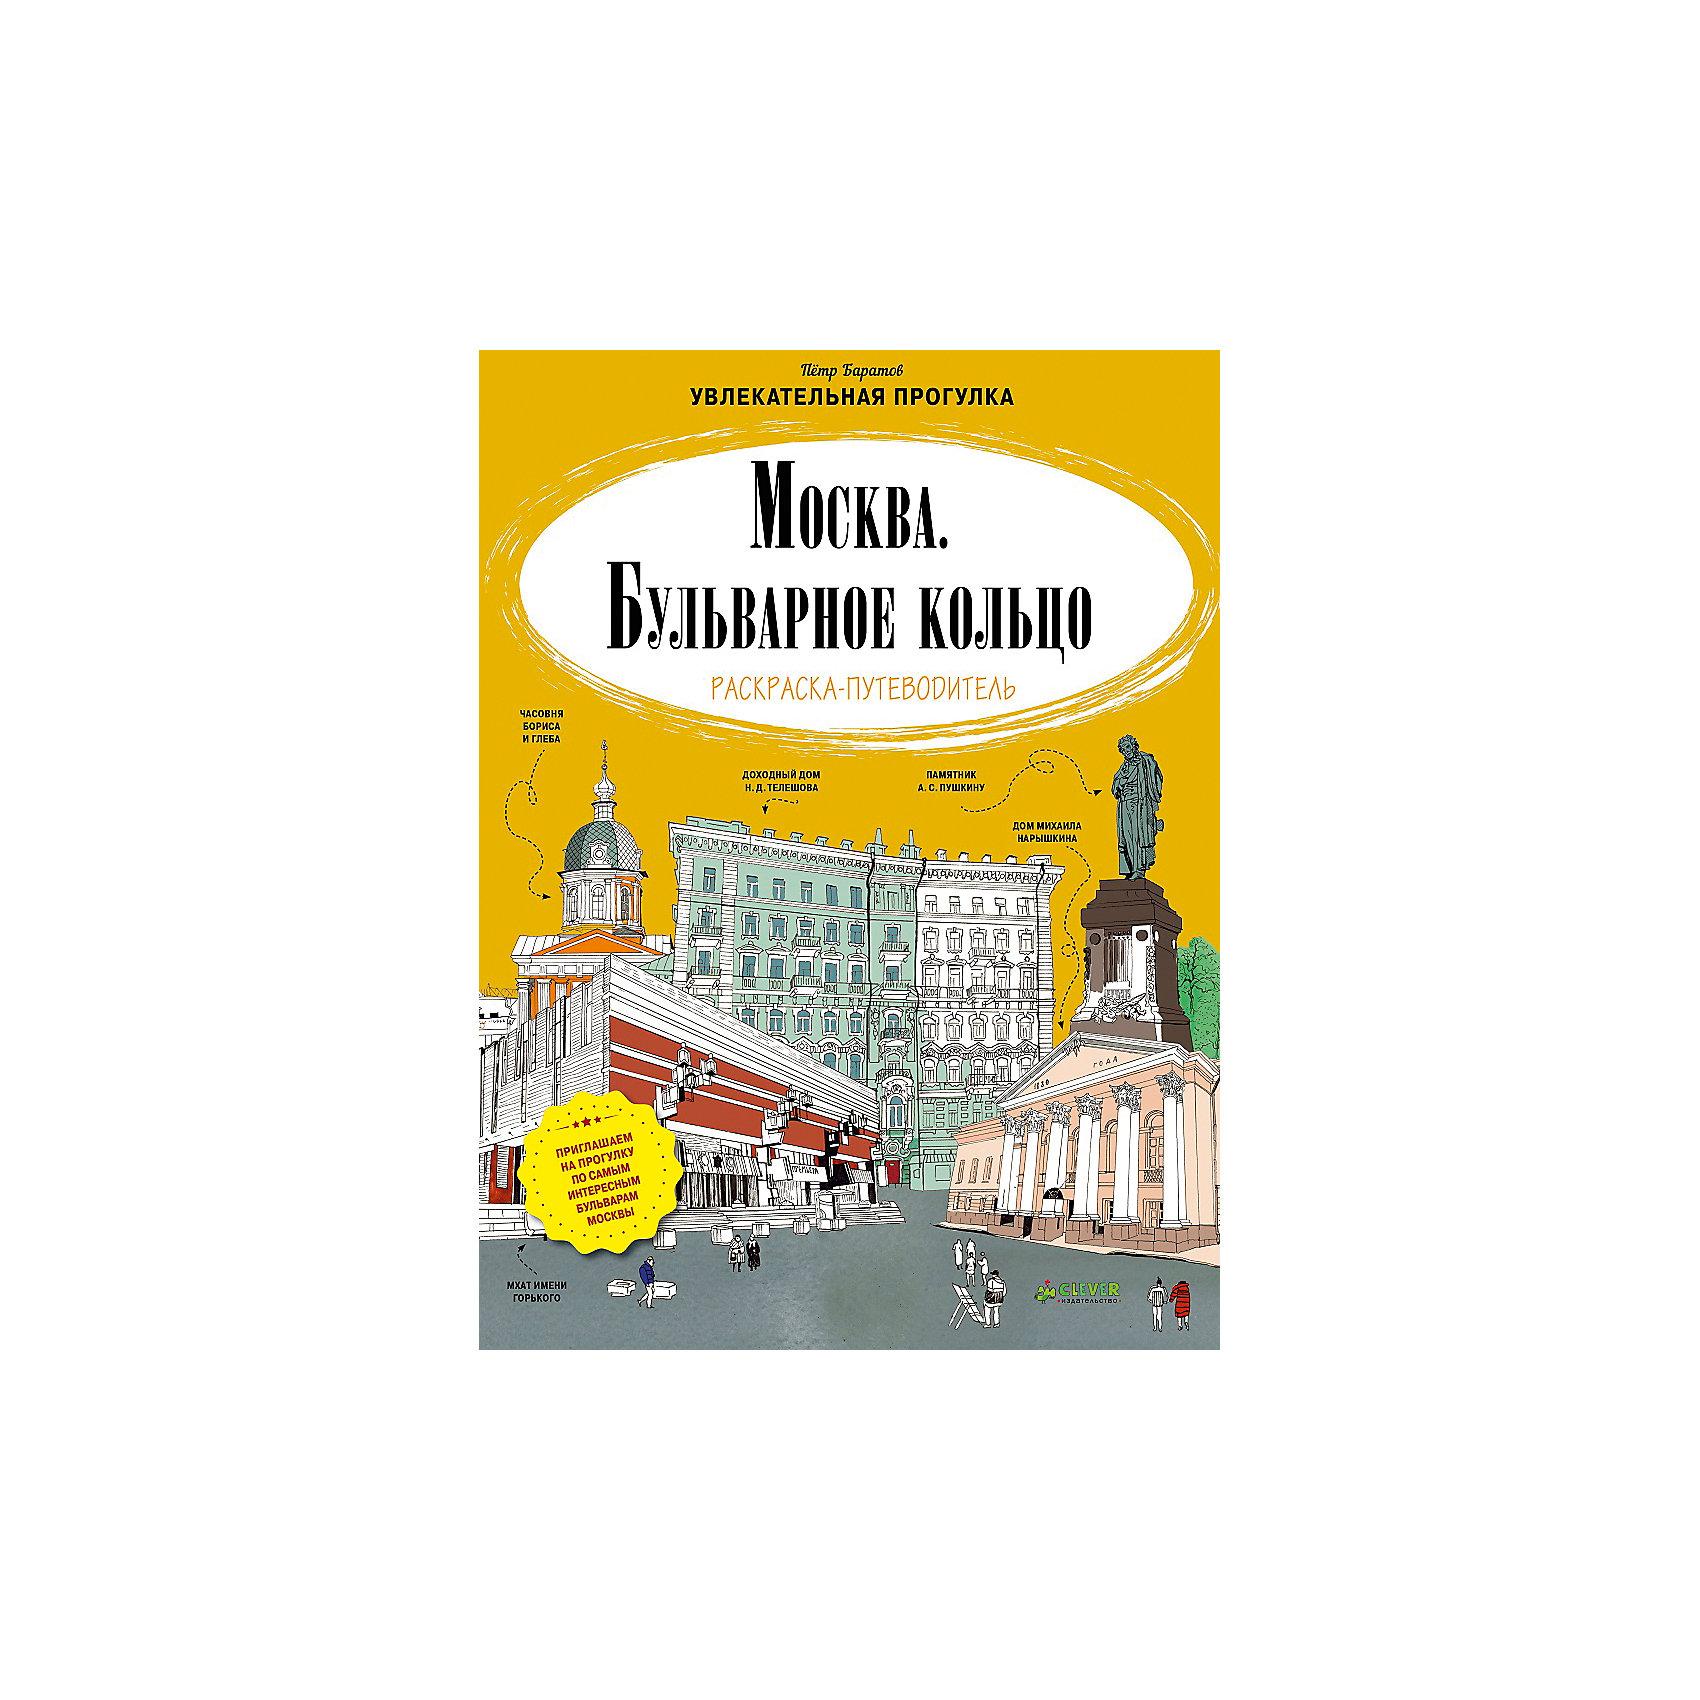 Раскраска-путеводитель Москва, Бульварное кольцоВ столице России можно посмотреть столько всего удивительного и интересного! Познакомить ребенка с занимательными фактами и разными красивыми местами Москвы поможет это издание. Книга очень красиво выглядит, внутри - путеводитель с разными маршрутами и рисунками для раскрашивания, поэтому издание станет отличным подарком. <br>Прогулки по маршрутам с этой книгой помогут не только весело провести время и загореться жаждой путешествий и открытий, издание подготовит ребенка к изучению истории и поможет привить интерес к знаниям. Также, раскрашивая картинки, ребенок будет развивать навыки рисования.<br><br>Дополнительная информация:<br><br>размер: 29 х 22 см;<br>страниц: 32;<br>мягкая обложка.<br><br>Раскраску-путеводитель Москва, Бульварное кольцо можно купить в нашем интернет-магазине.<br><br>Ширина мм: 290<br>Глубина мм: 220<br>Высота мм: 8<br>Вес г: 155<br>Возраст от месяцев: 84<br>Возраст до месяцев: 132<br>Пол: Унисекс<br>Возраст: Детский<br>SKU: 4976235